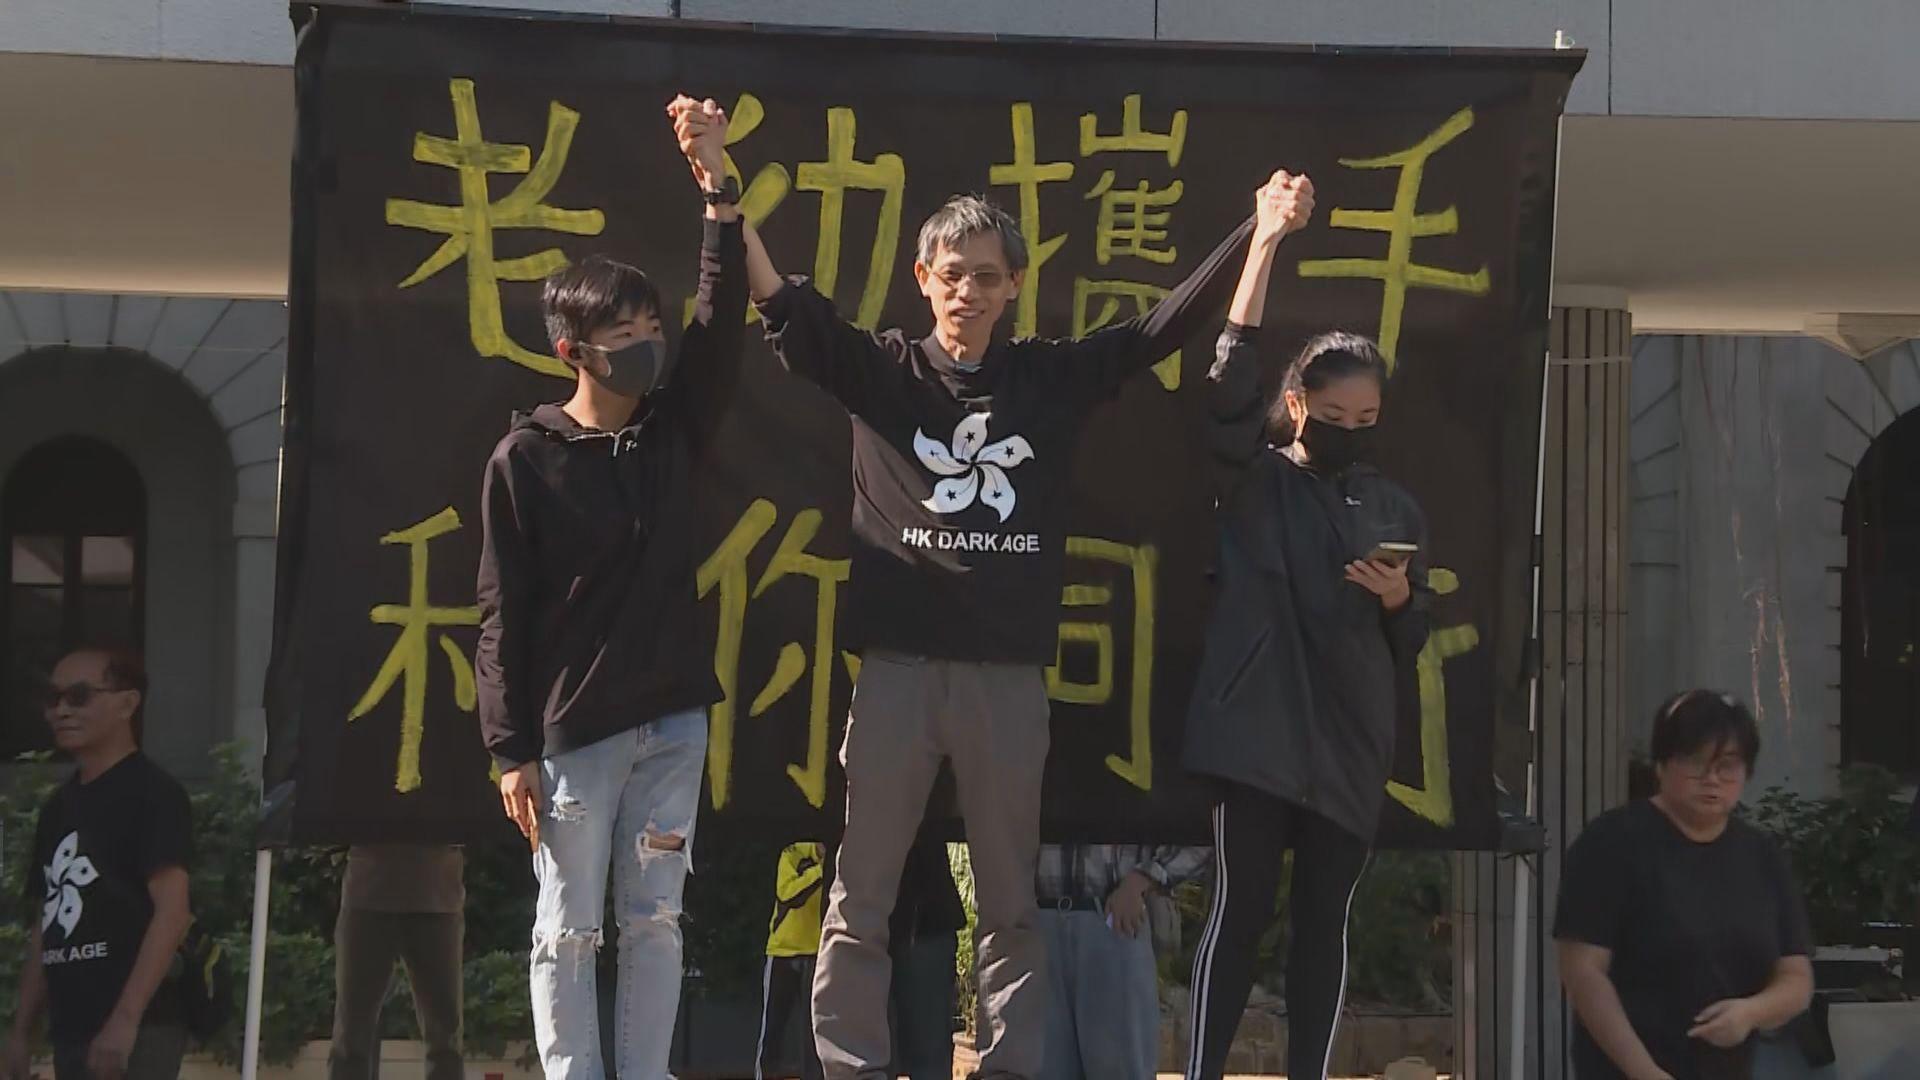 中學生和銀髮族發起集會